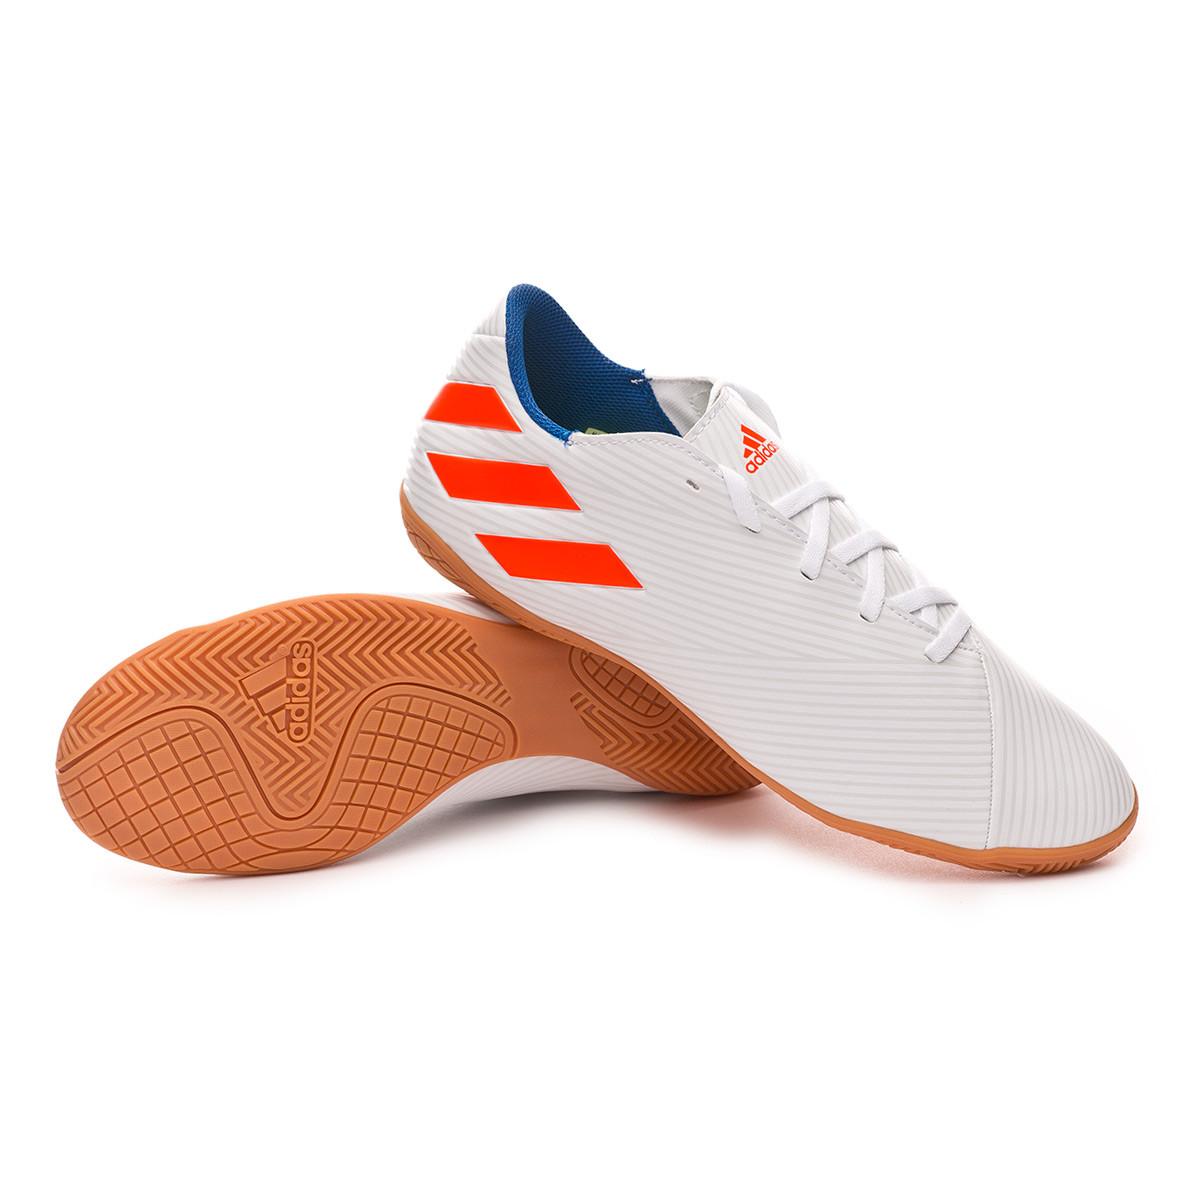 19 Blue Zapatilla Solar Red White Nemeziz 4 In Football Messi CthrdxQs